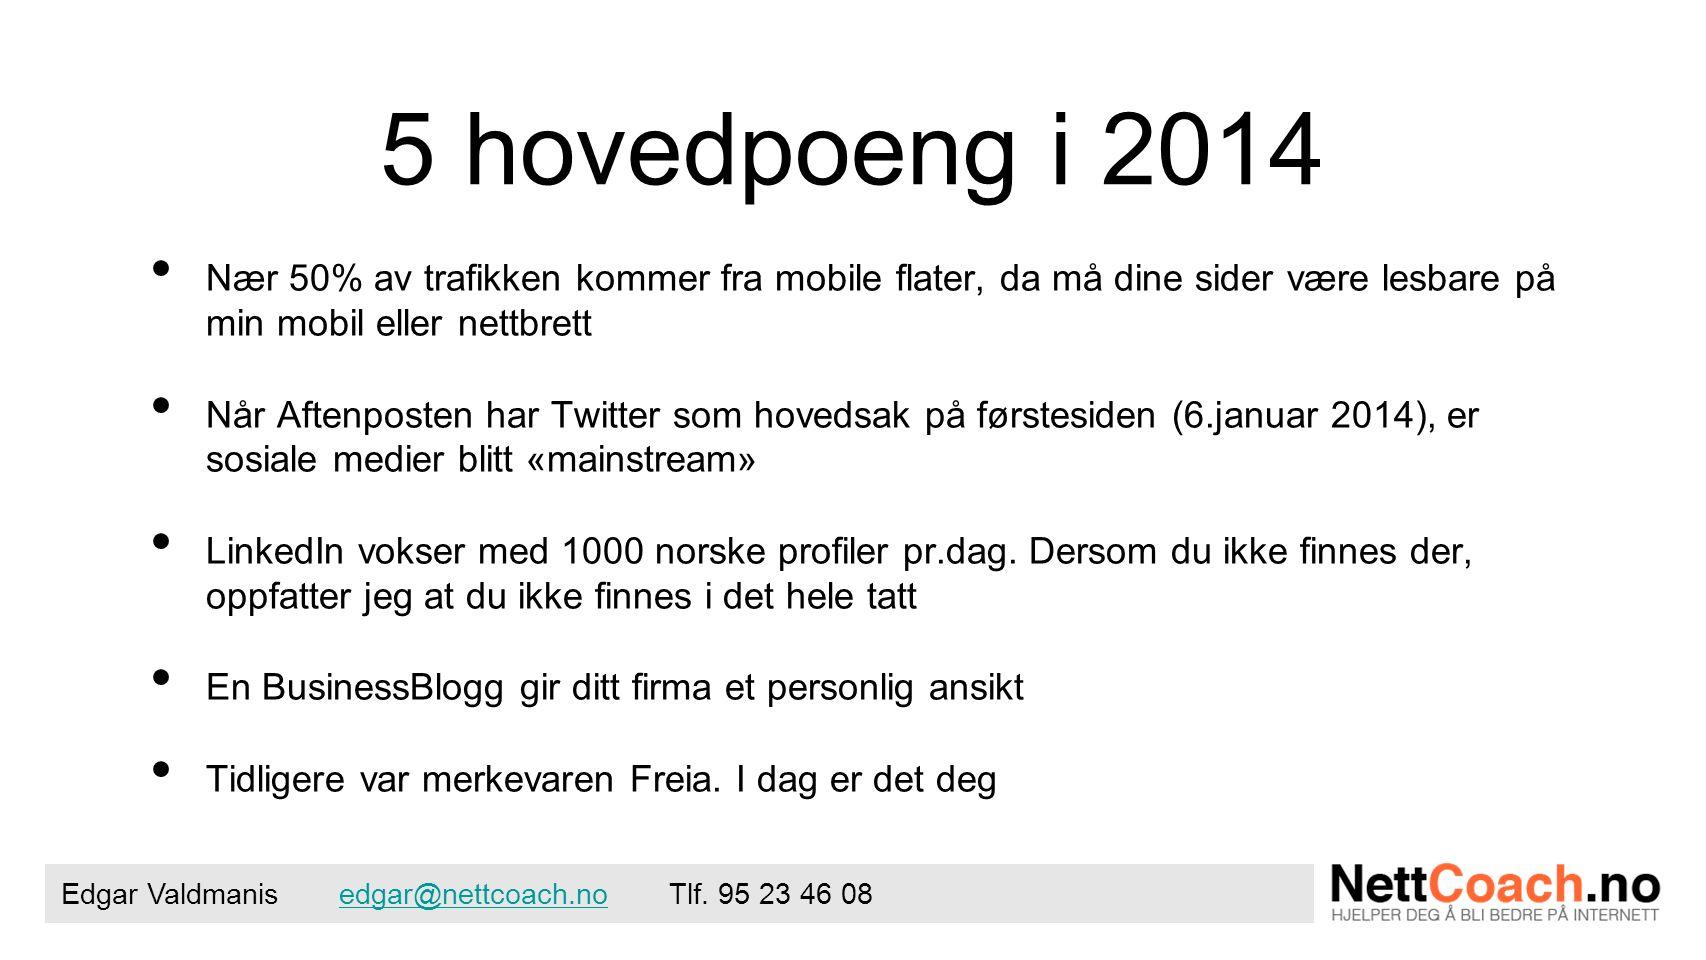 5 hovedpoeng i 2014 • Nær 50% av trafikken kommer fra mobile flater, da må dine sider være lesbare på min mobil eller nettbrett • Når Aftenposten har Twitter som hovedsak på førstesiden (6.januar 2014), er sosiale medier blitt «mainstream» • LinkedIn vokser med 1000 norske profiler pr.dag.